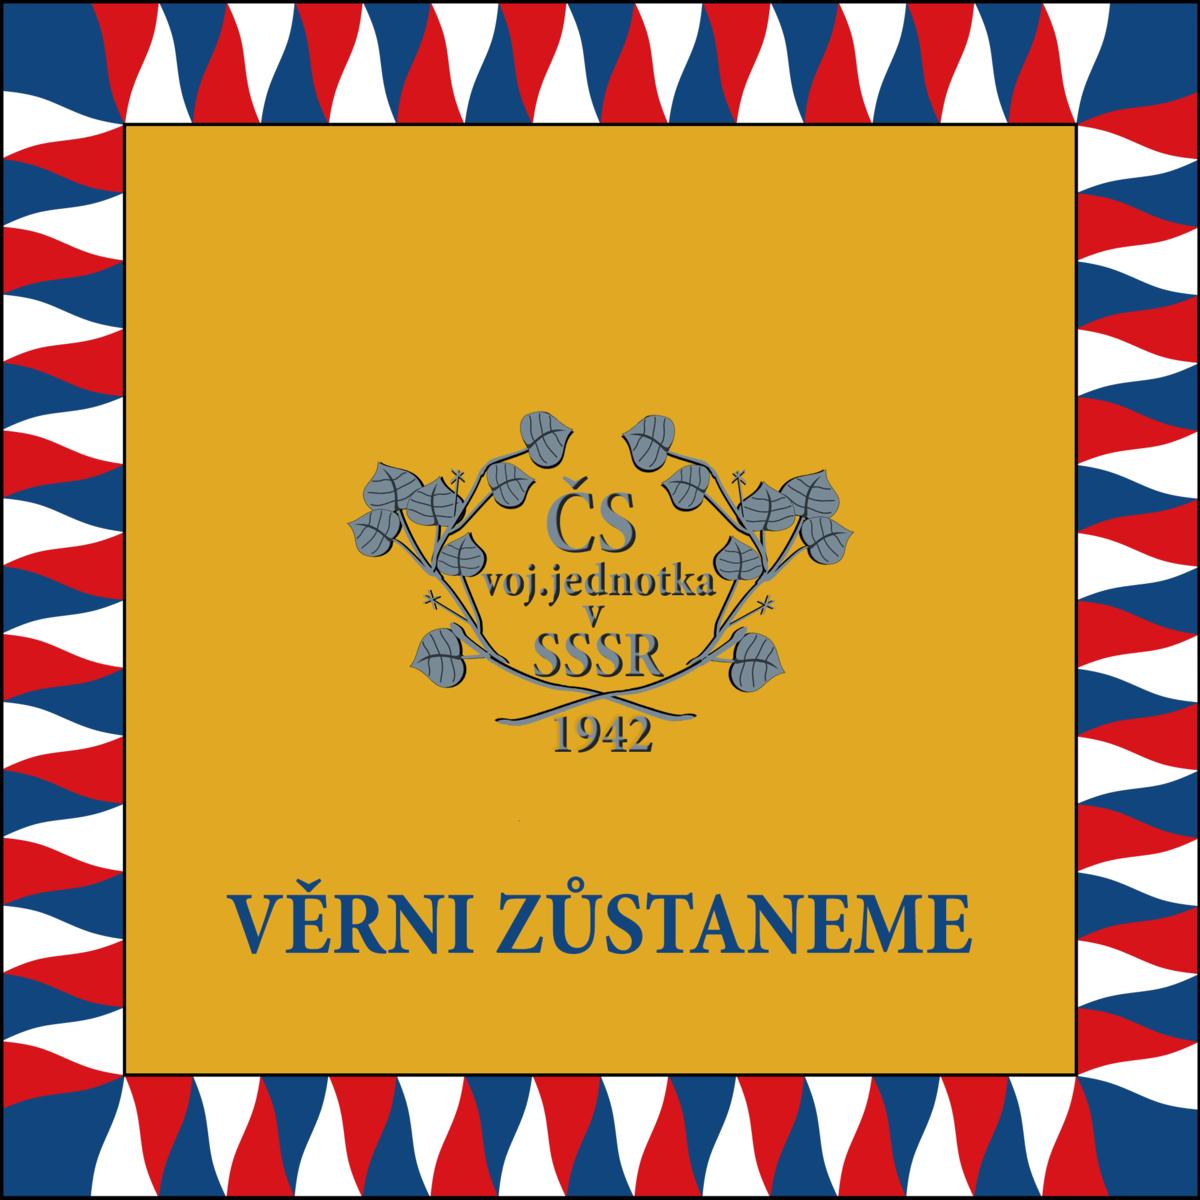 Ussr Flag Ww2 1st Czechoslovak Army ...